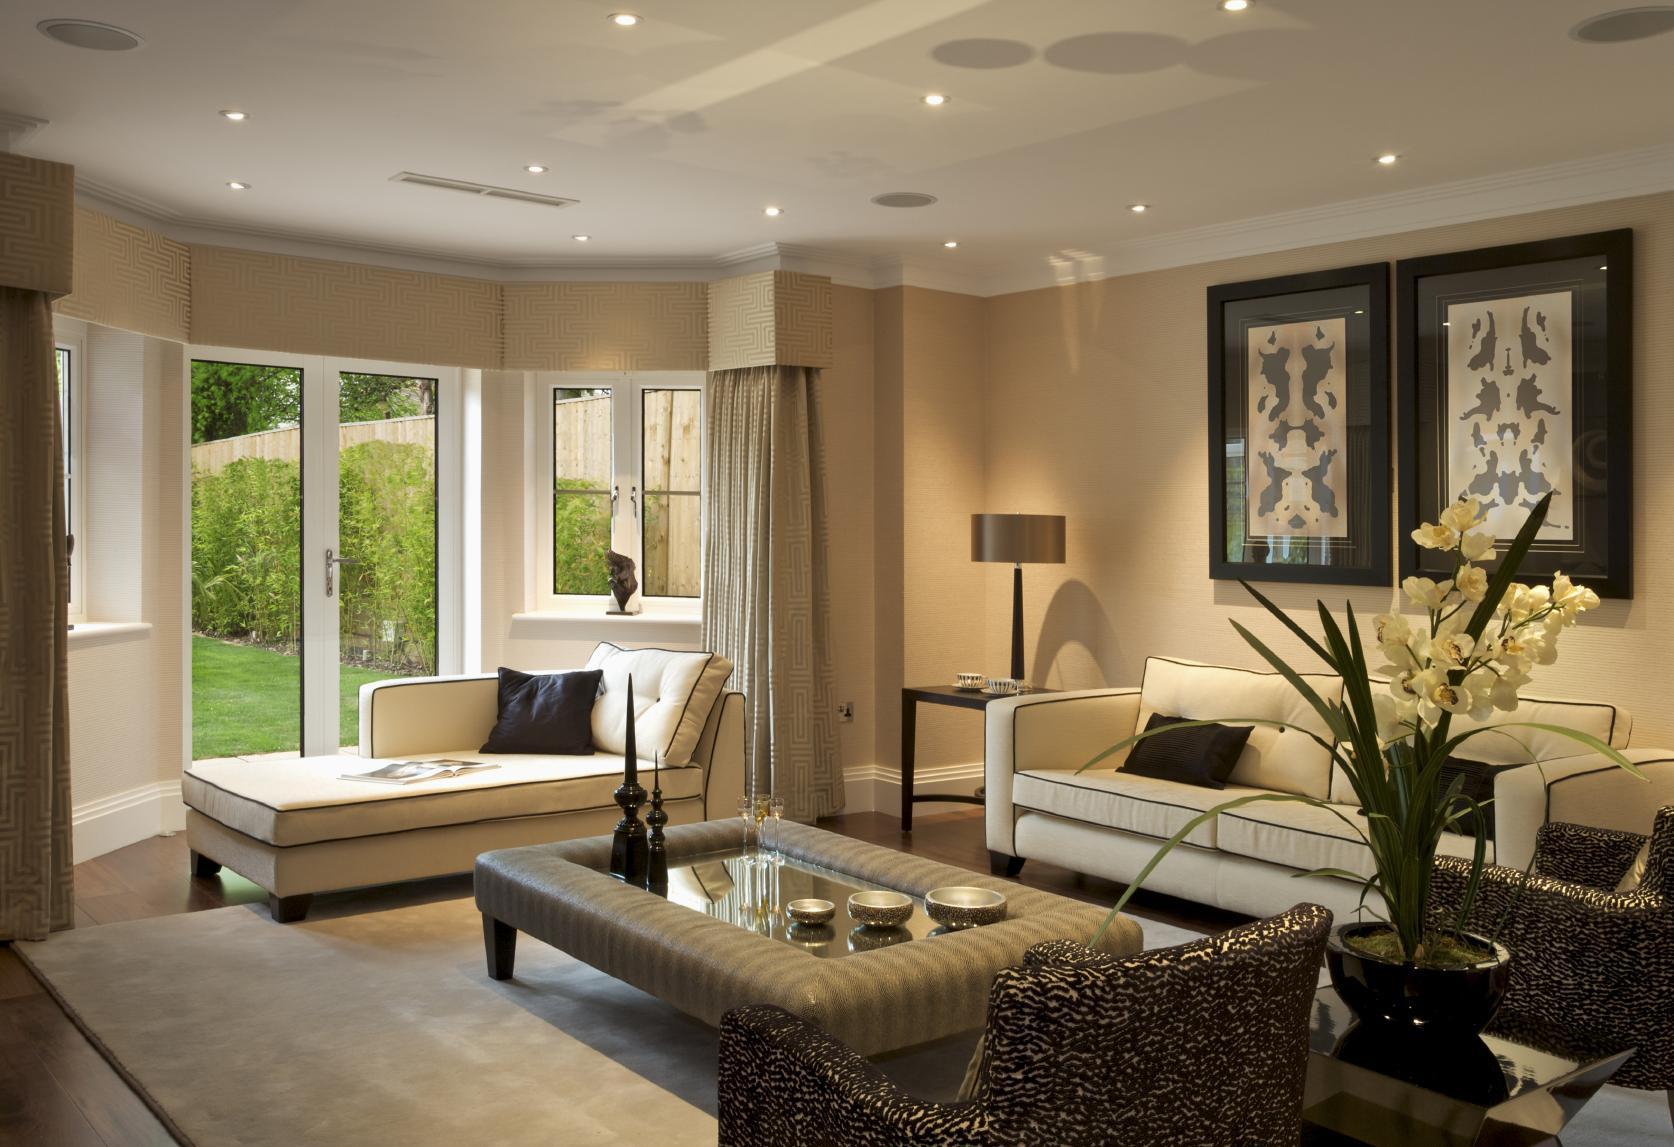 Светодиодная подсветка потолка в доме